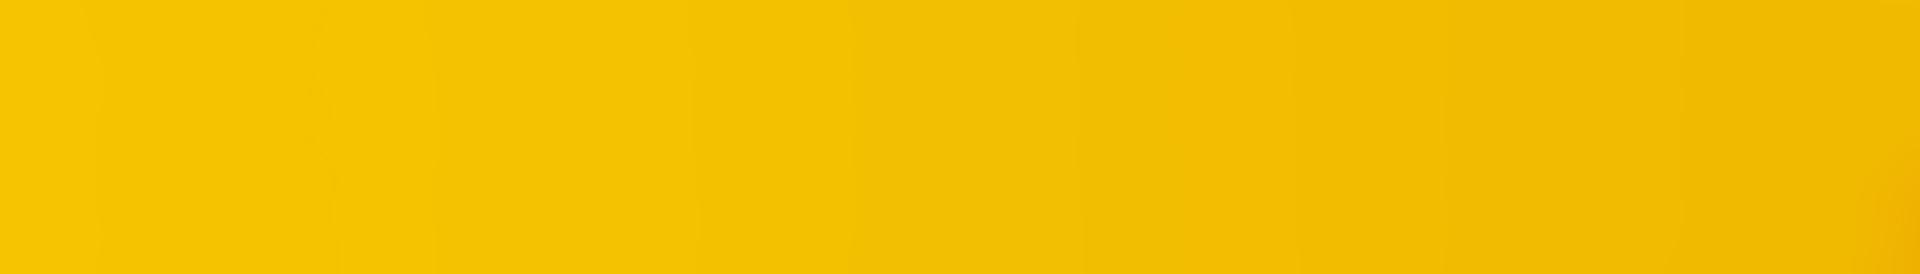 Banner żółty